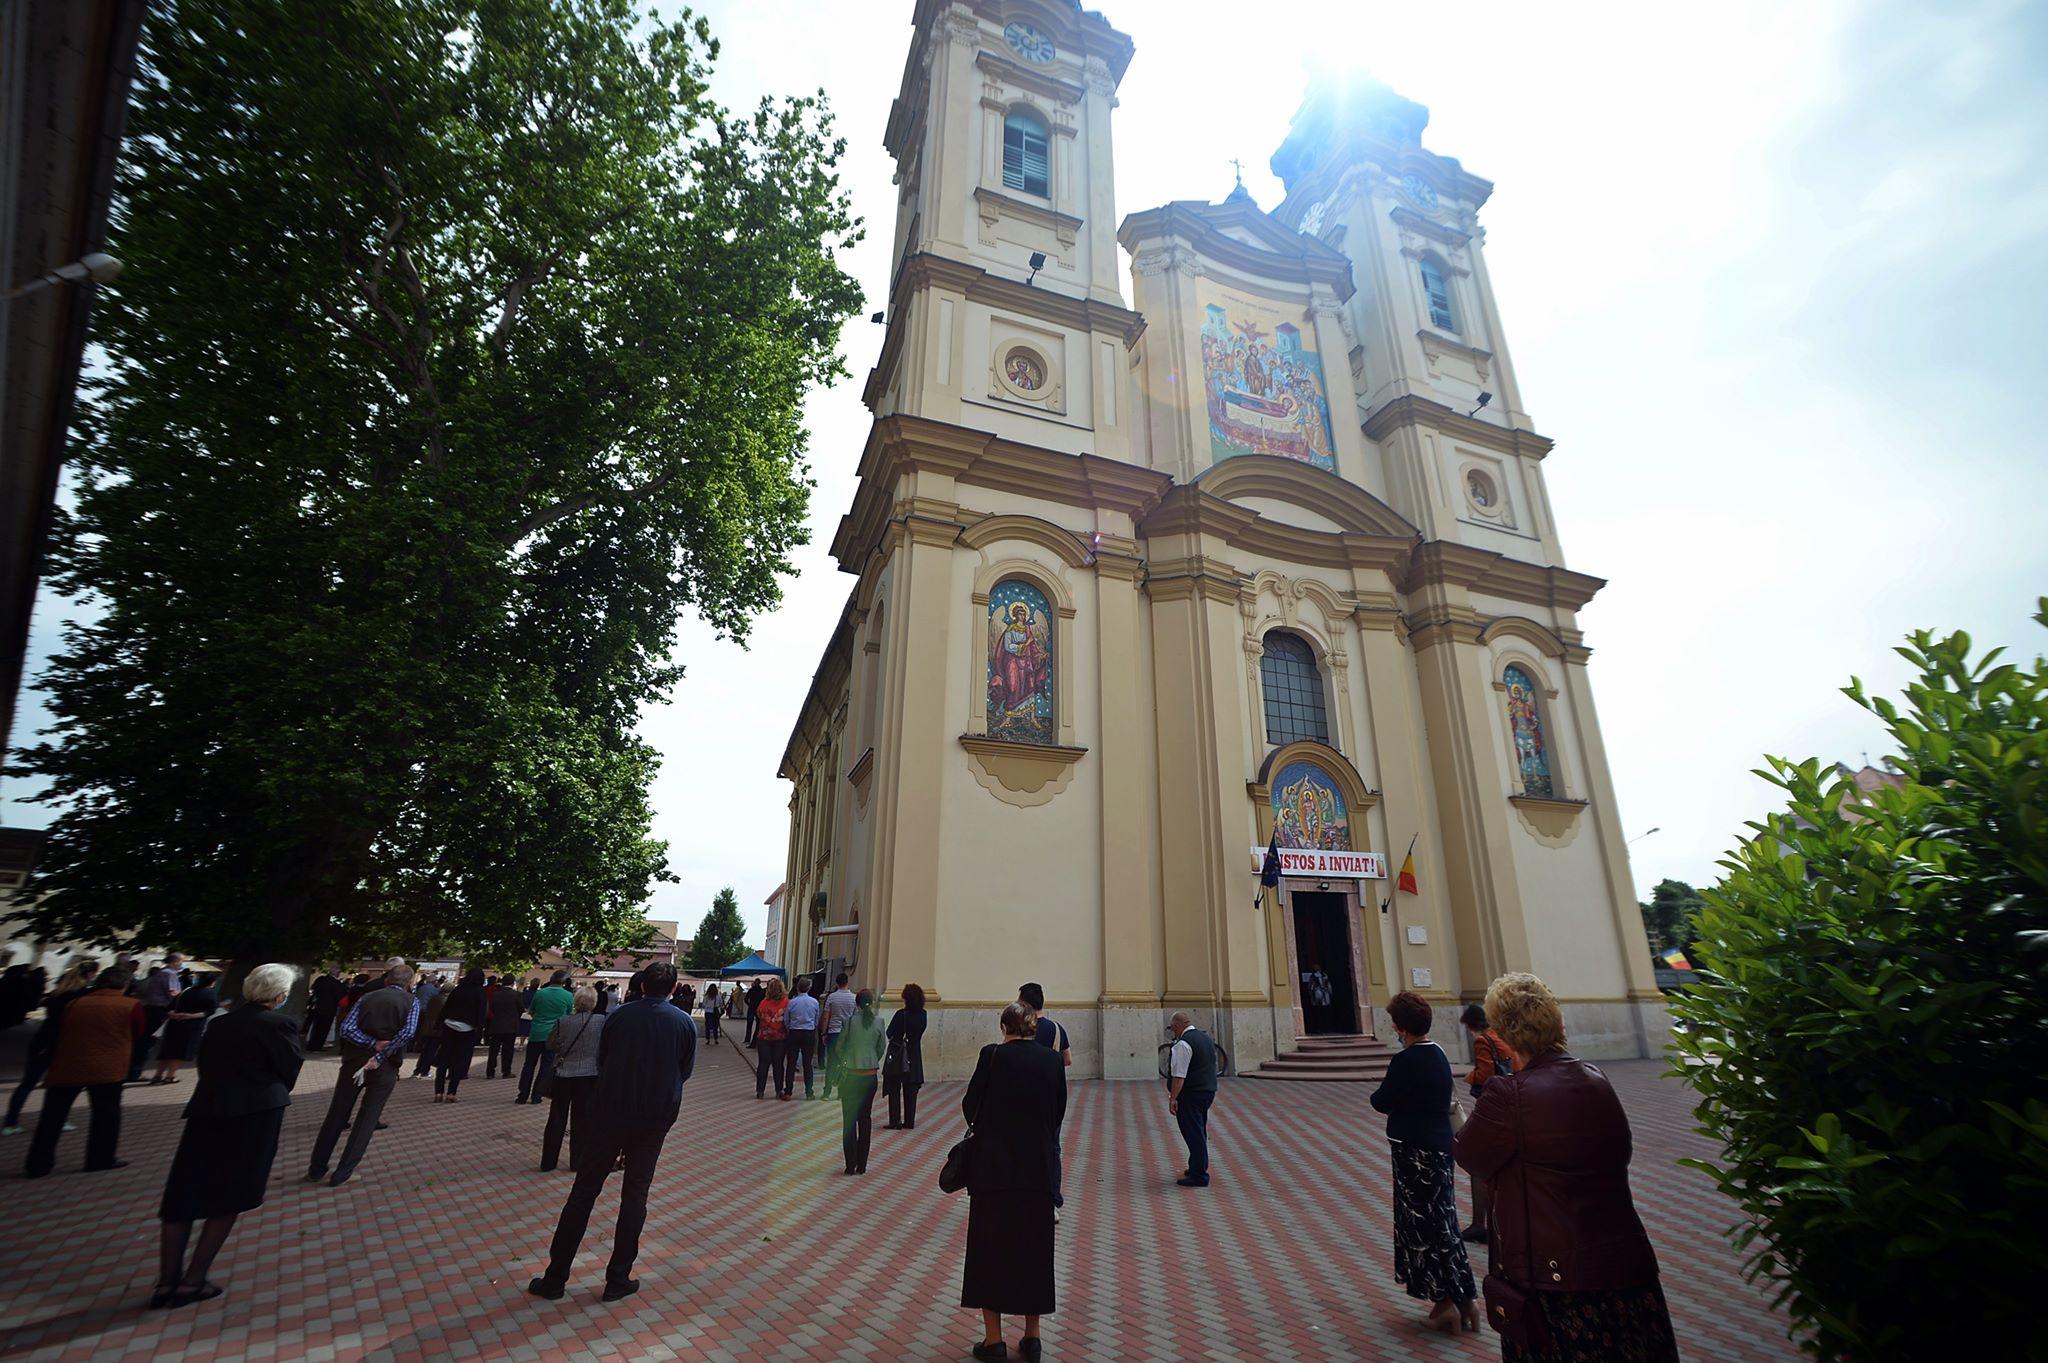 Sprijin financiar pentru bisericile din Lugoj și din satele aparținătoare